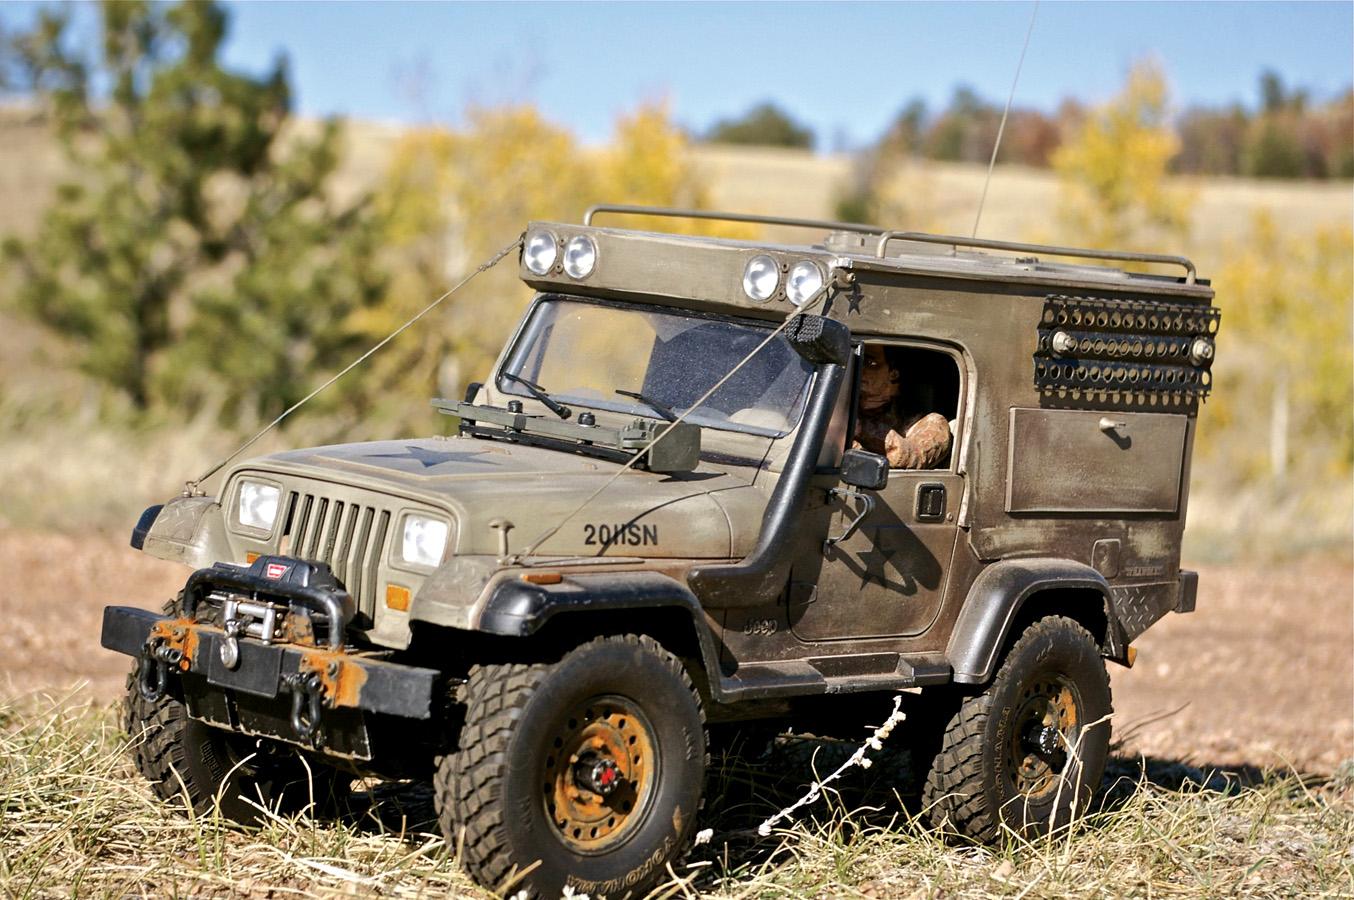 Reader's Ride: Seth Tastad's Tamiya Jeep Wrangler